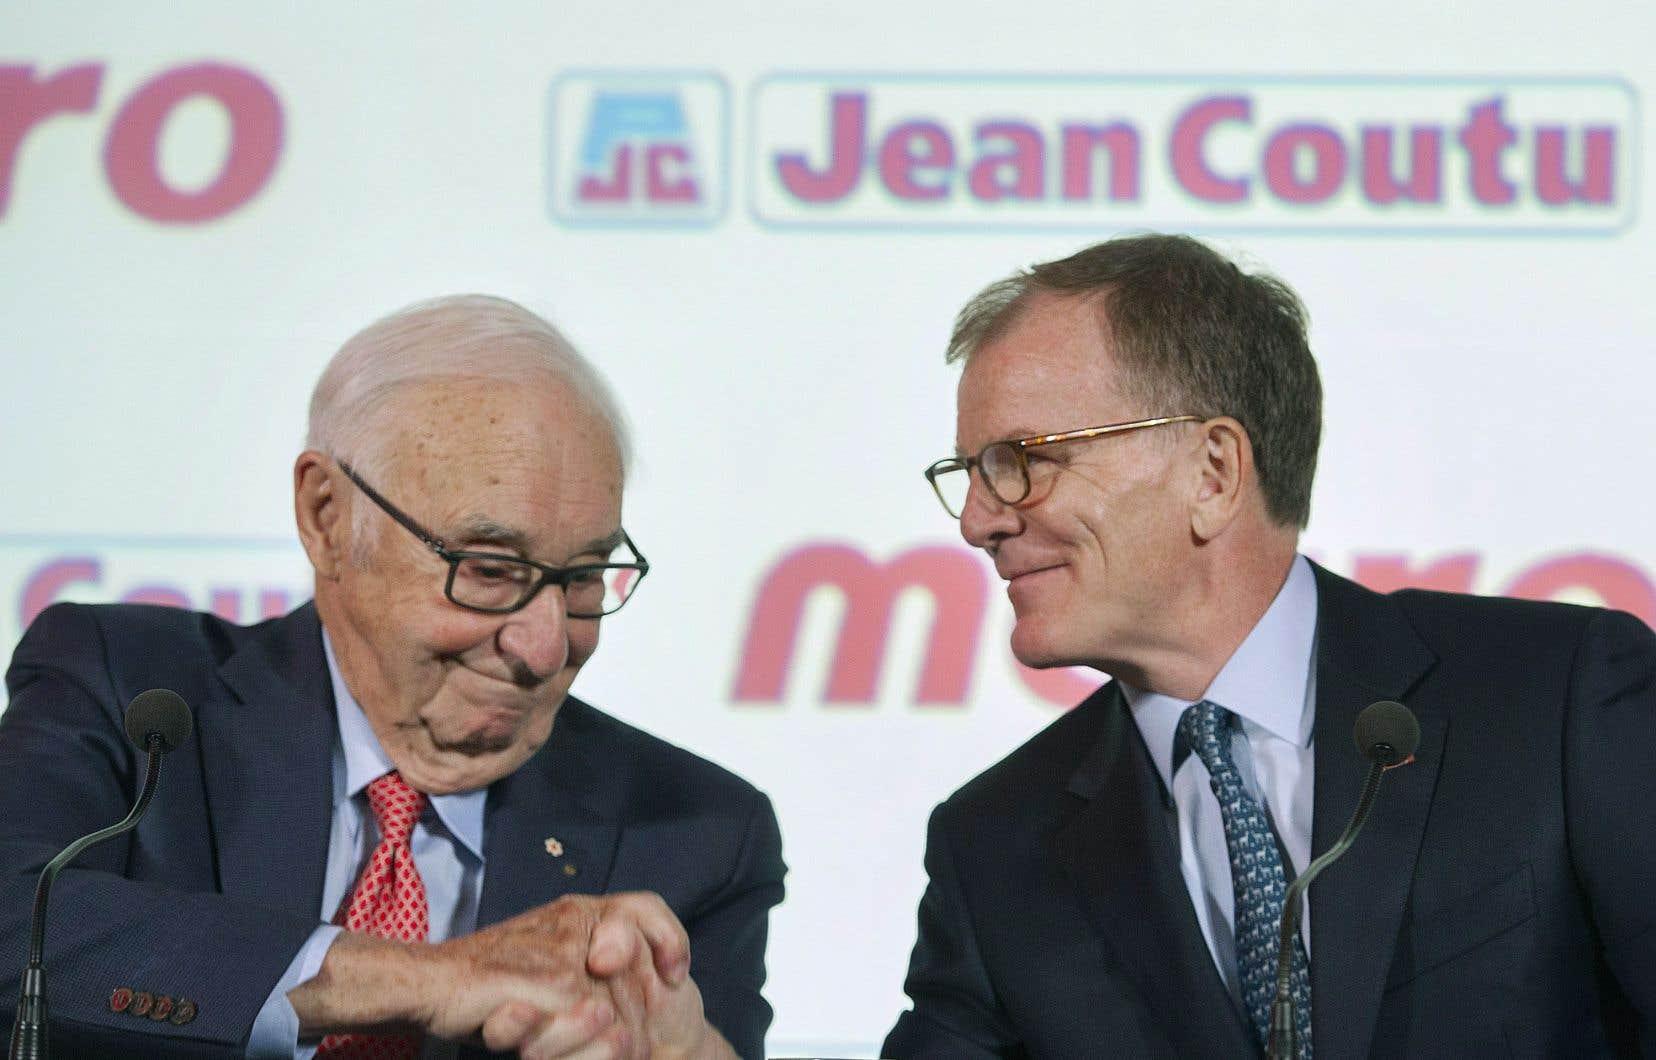 Jean Coutu (à gauche) serre la main du président et chef de la direction de Metro, Éric La Flèche.